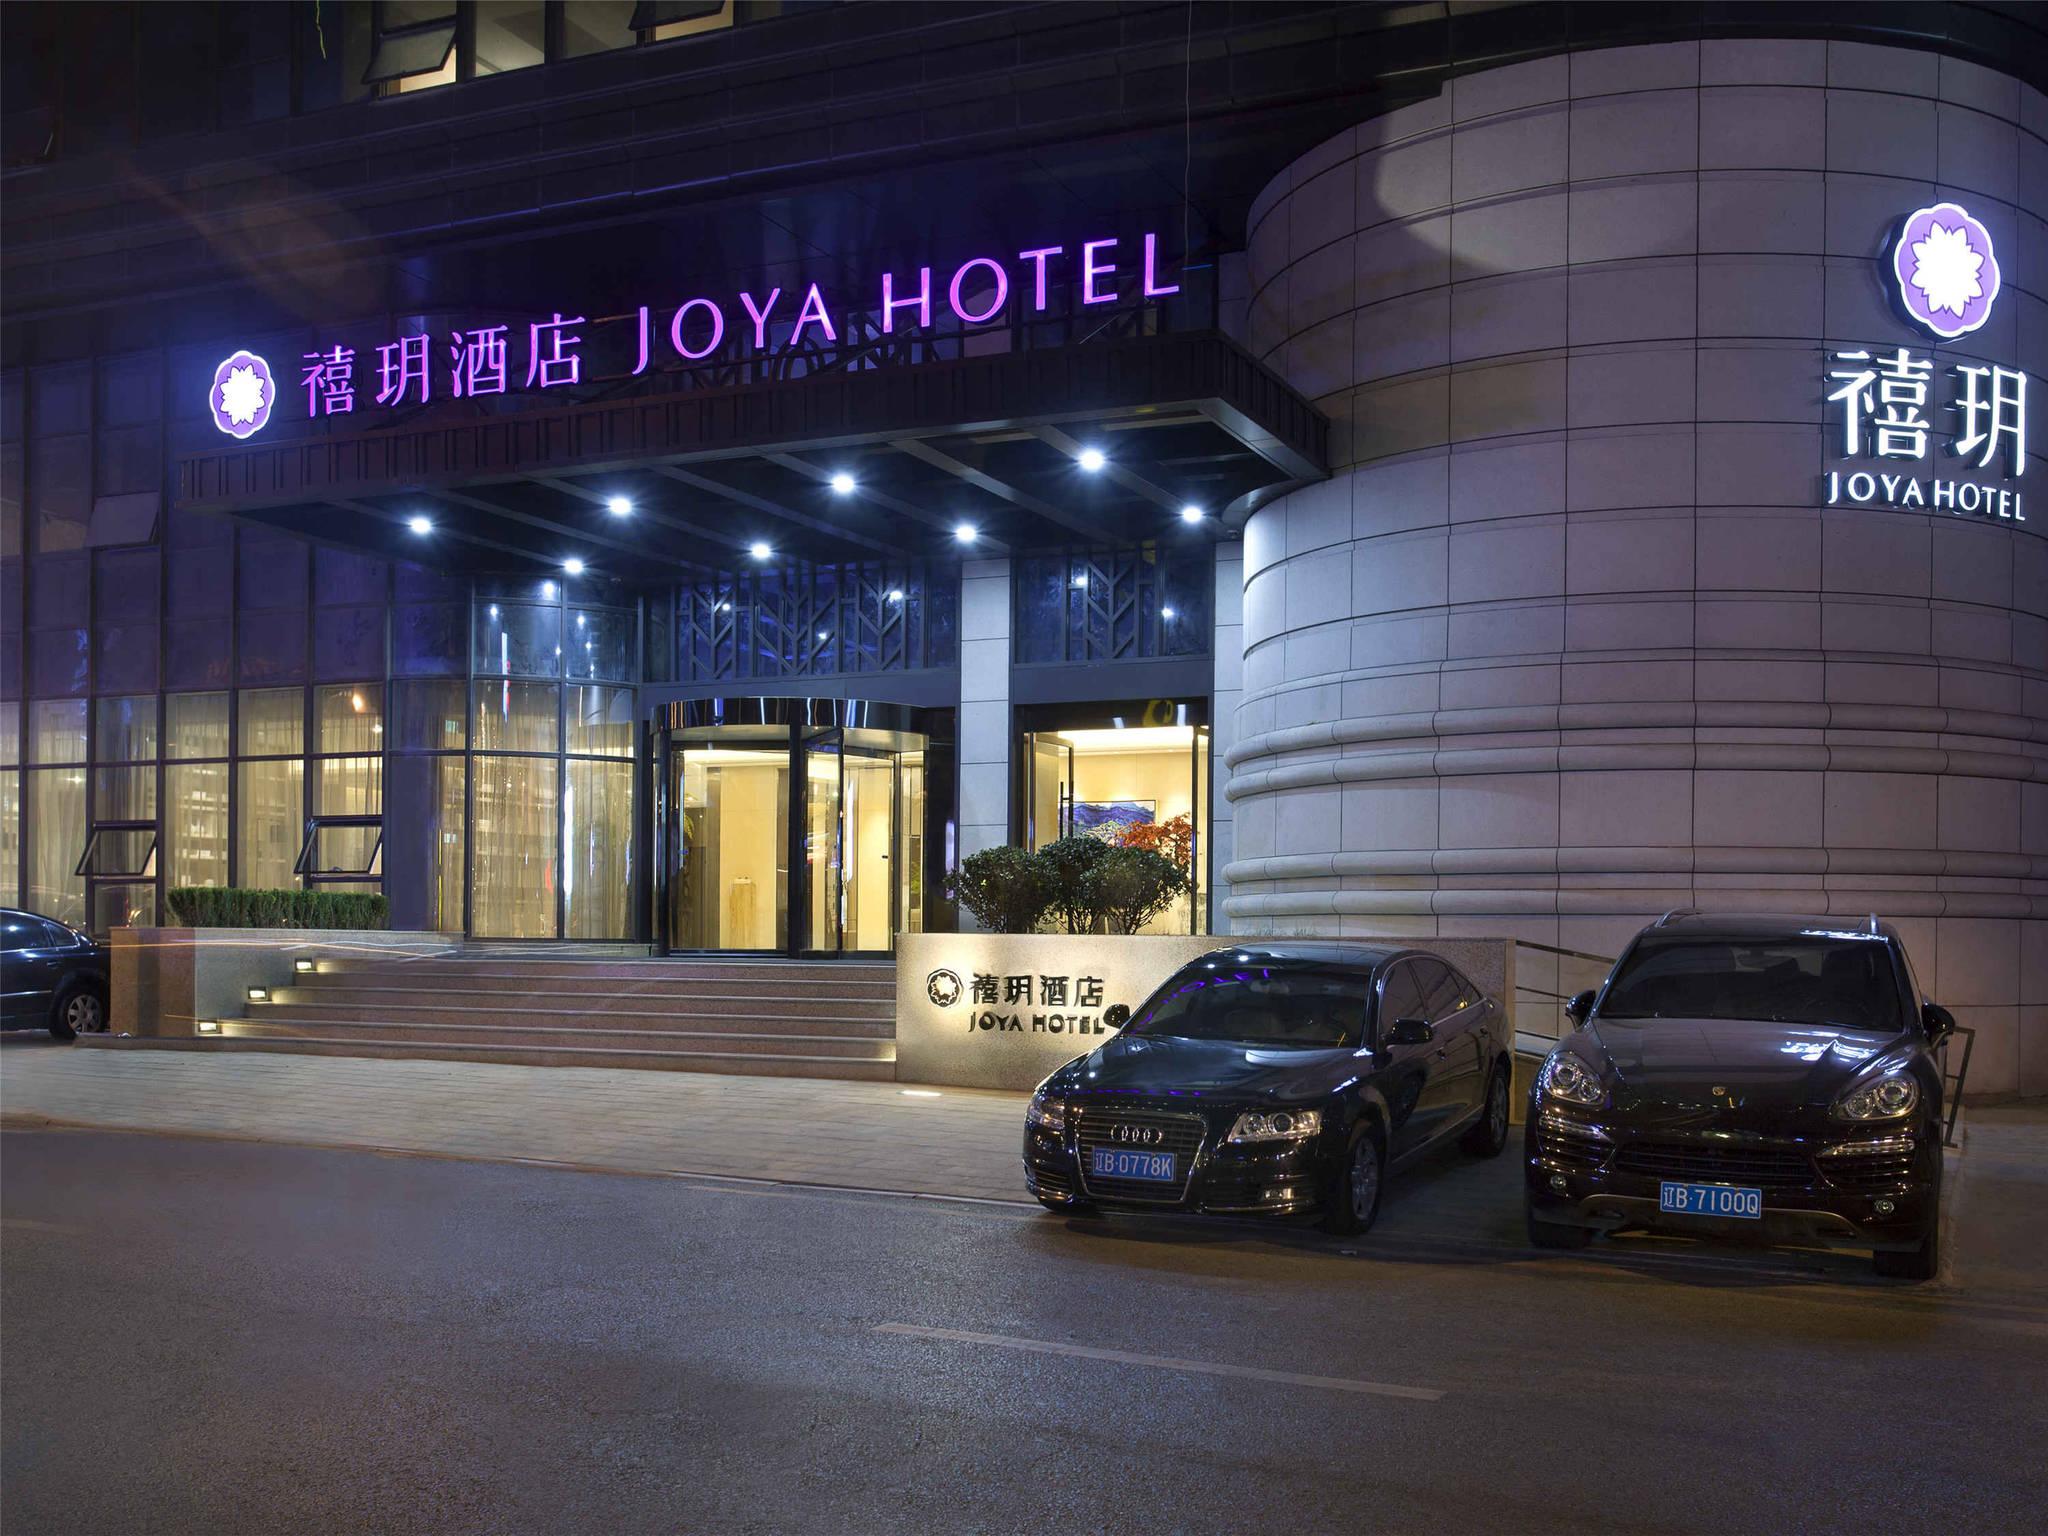 Hotell – Joya Hotel Dalian Youhao